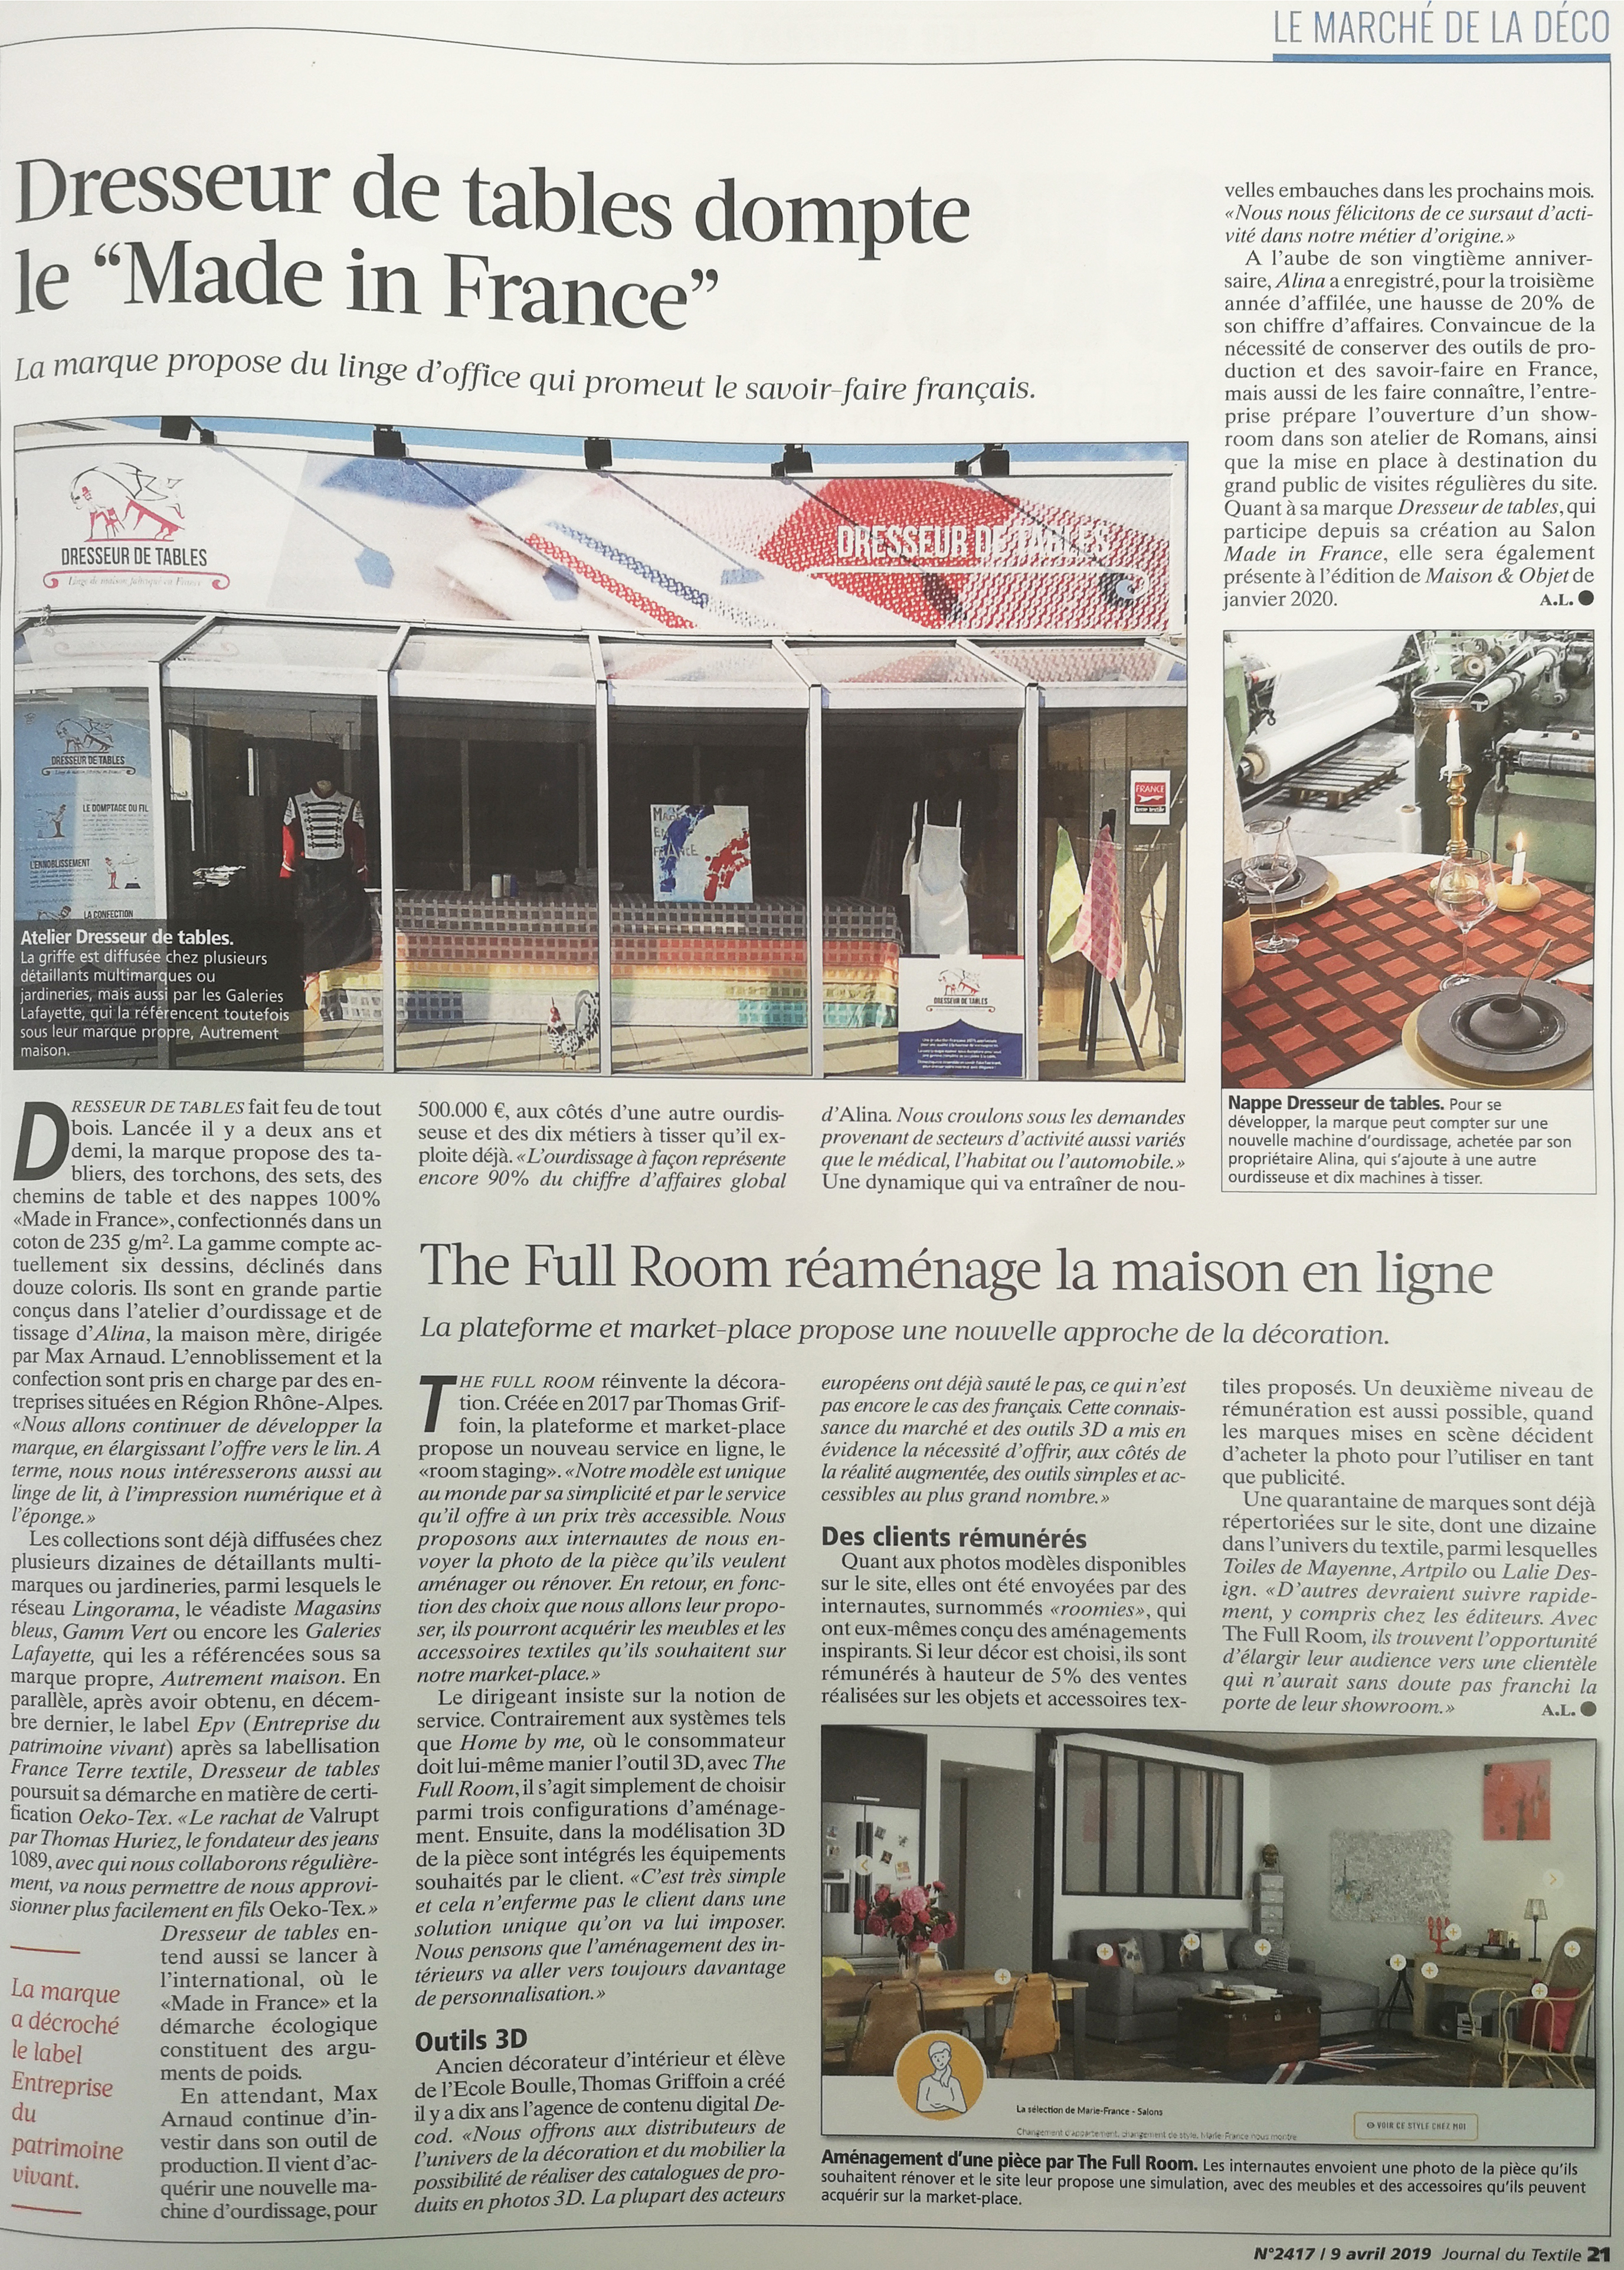 Journal du Textile 09-04-19.jpg